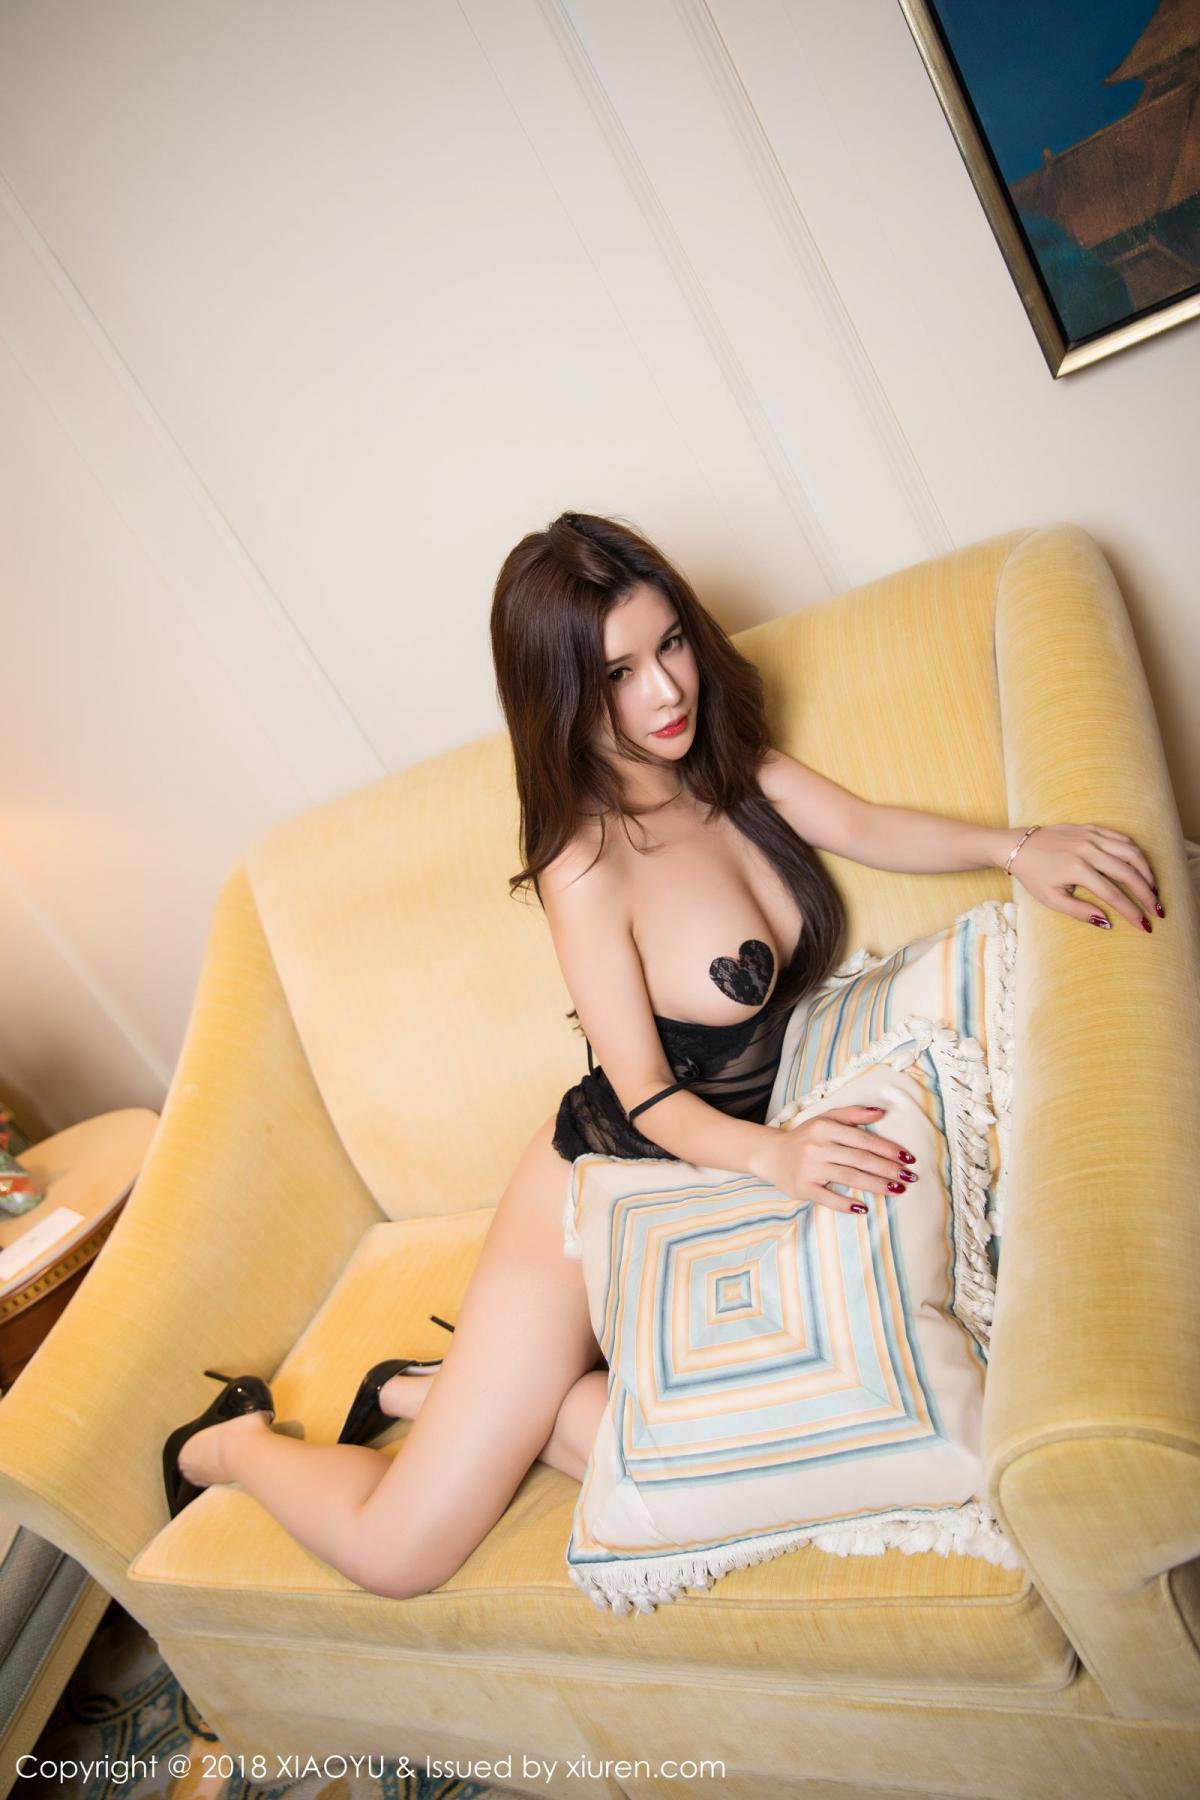 [XiaoYu] Vol.003 Chun Xiao Xi 16P, Adult, Chun Xiao Xi, XiaoYu